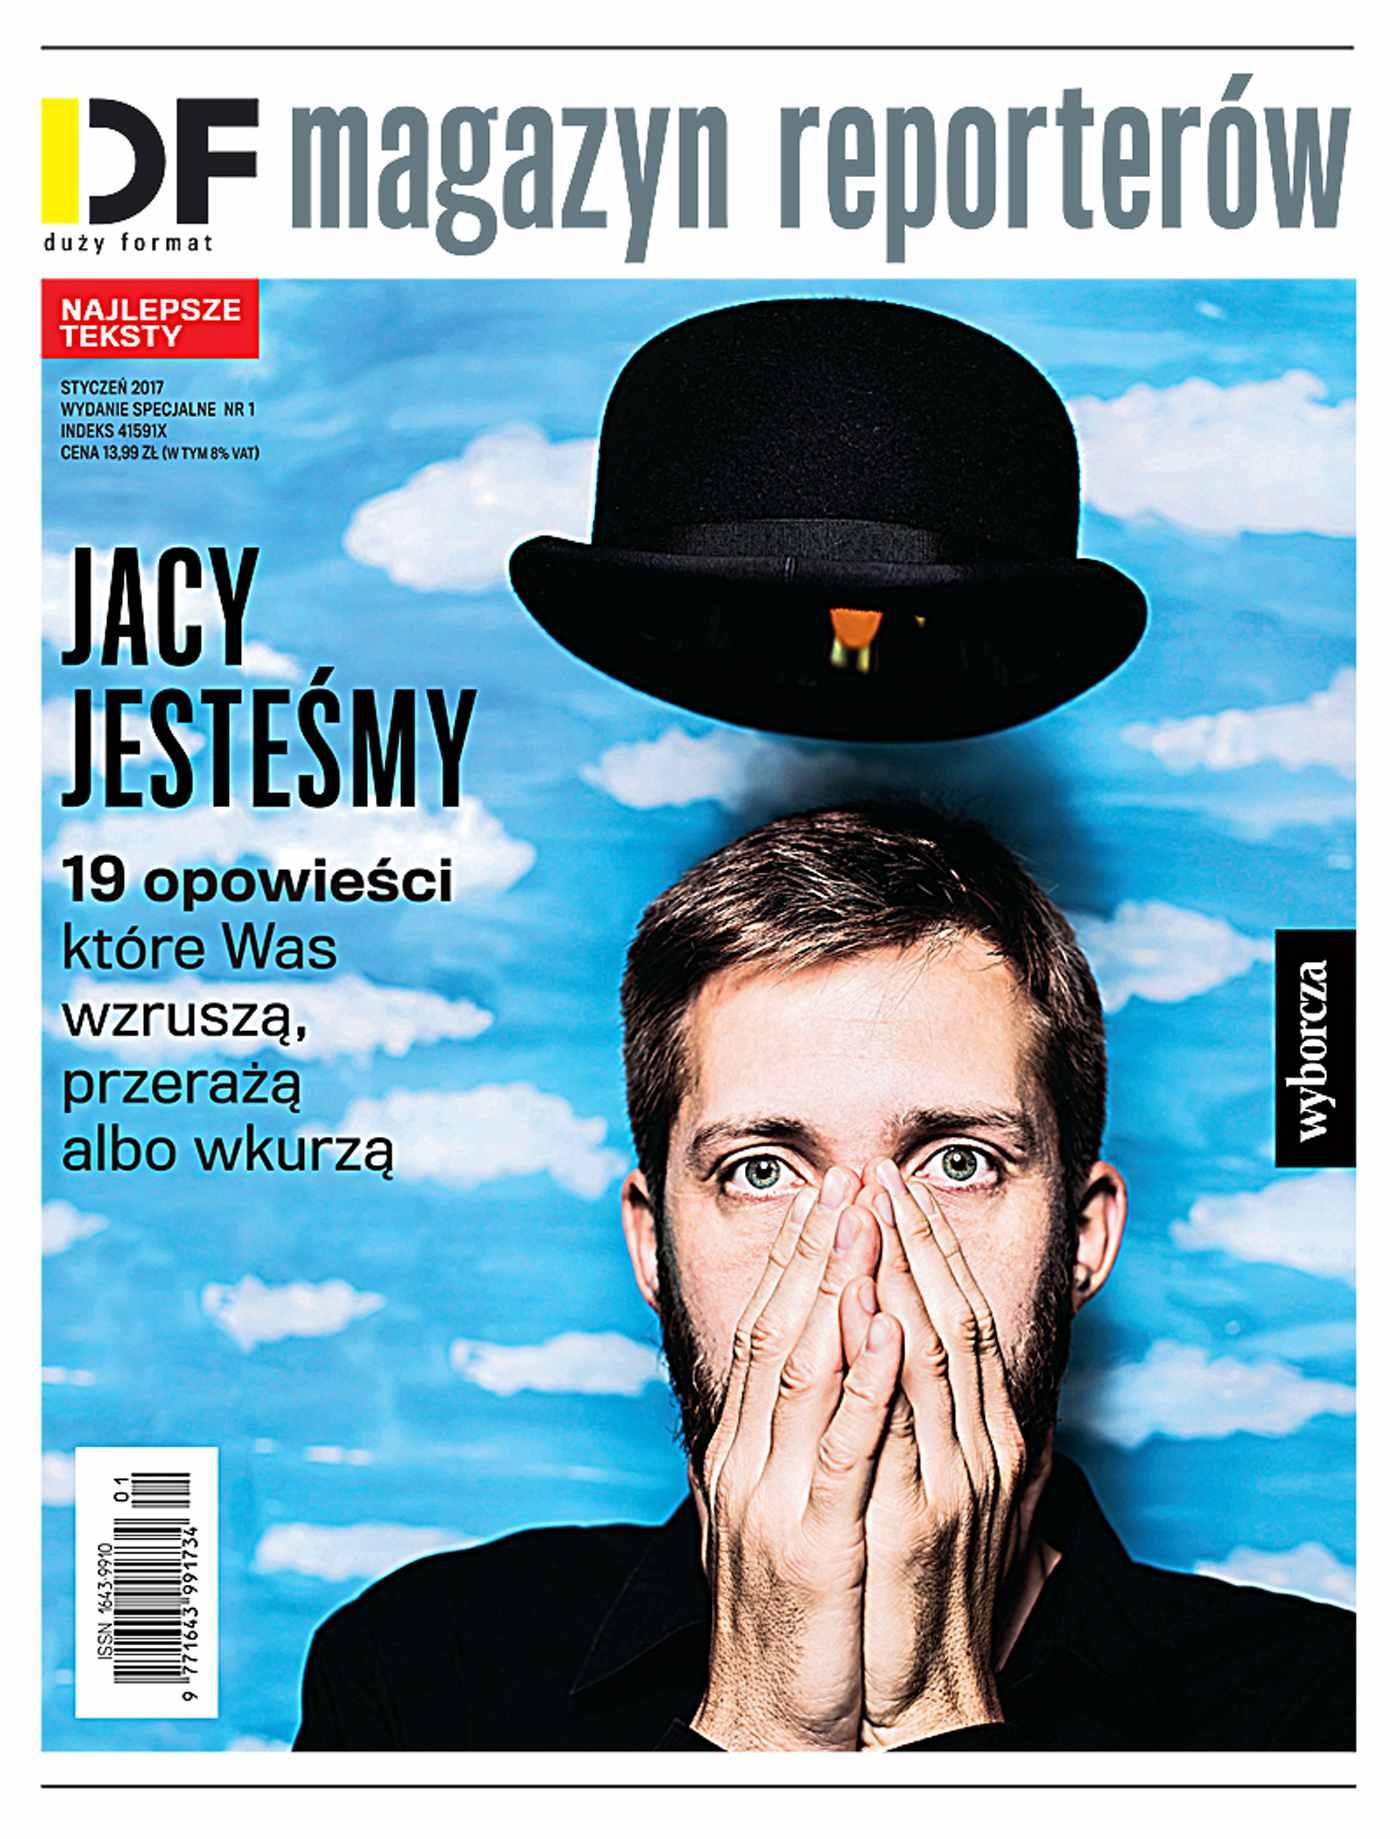 DF Magazyn Reporterów. Najlepsze teksty. Duży Format. Wydanie Specjalne - Ebook (Książka PDF) do pobrania w formacie PDF